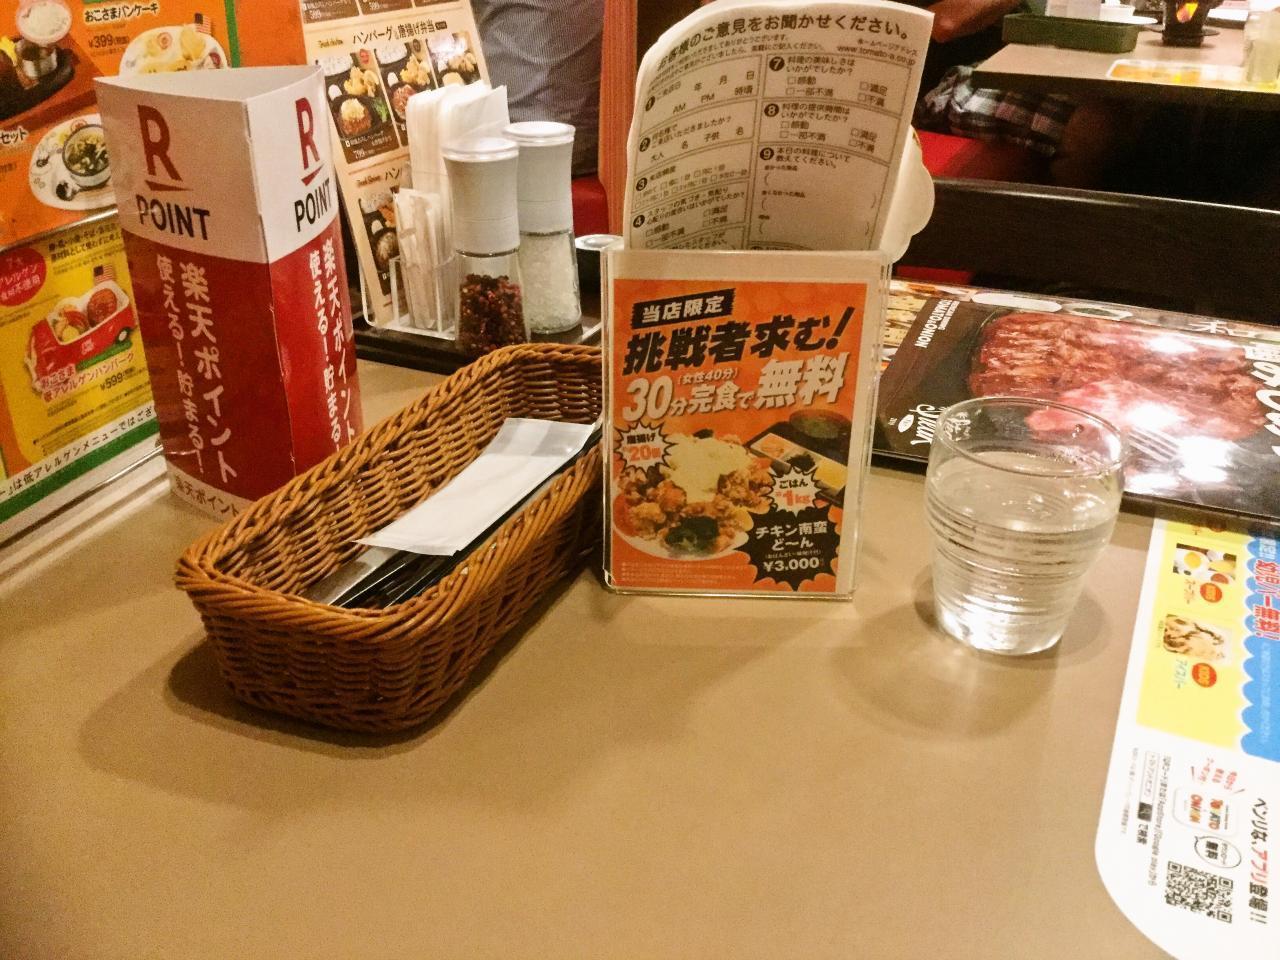 トマト&オニオン新潟巻店(店内)